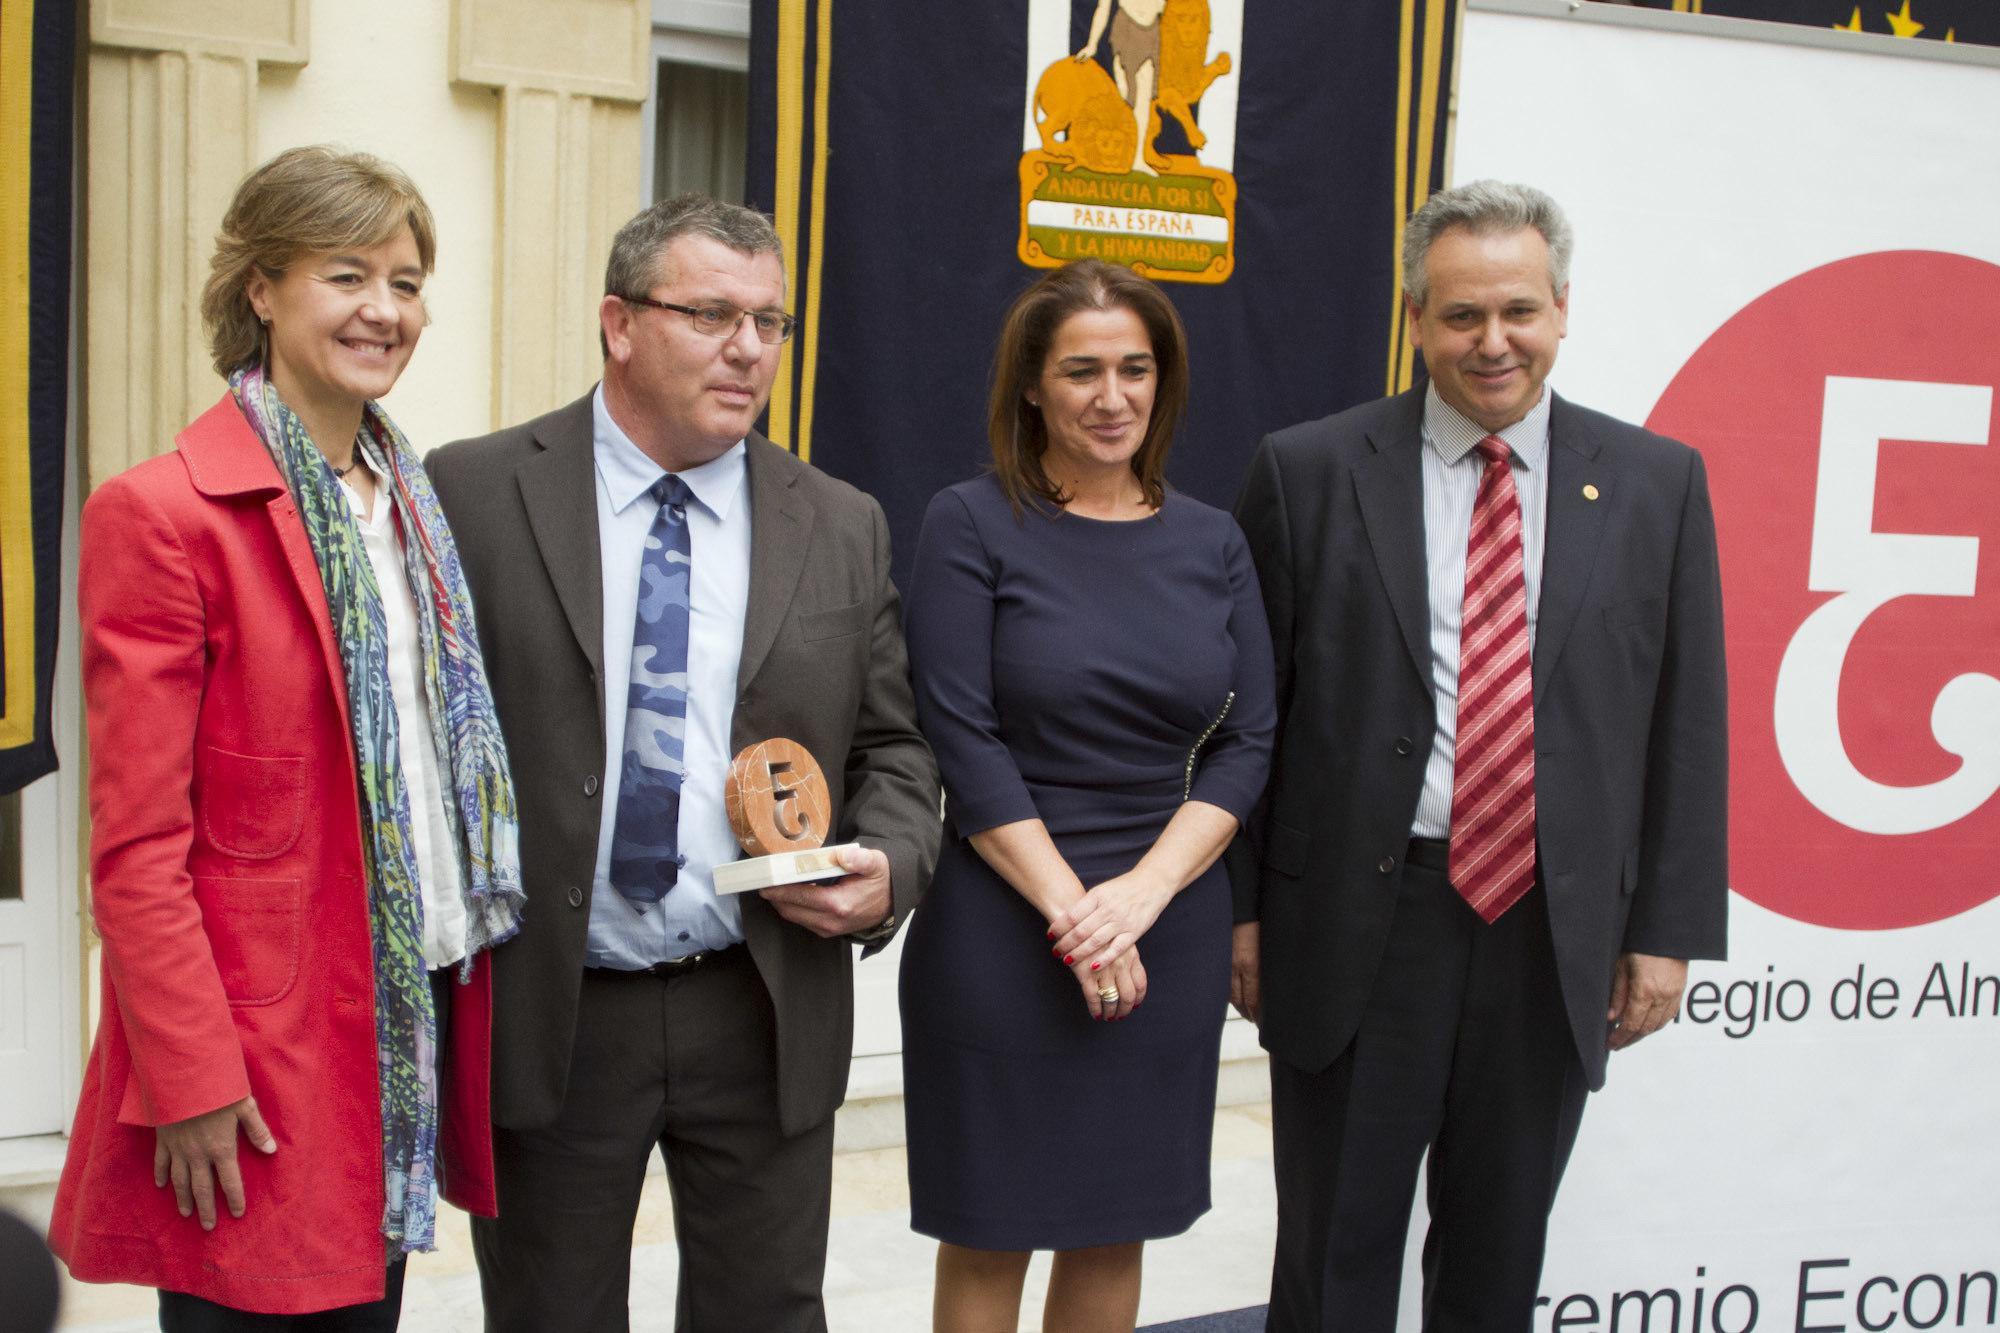 La ministra de Agricultura entrega a Vicasol el Premio Economía 2014, otorgado por el Colegio de Economistas de Almería